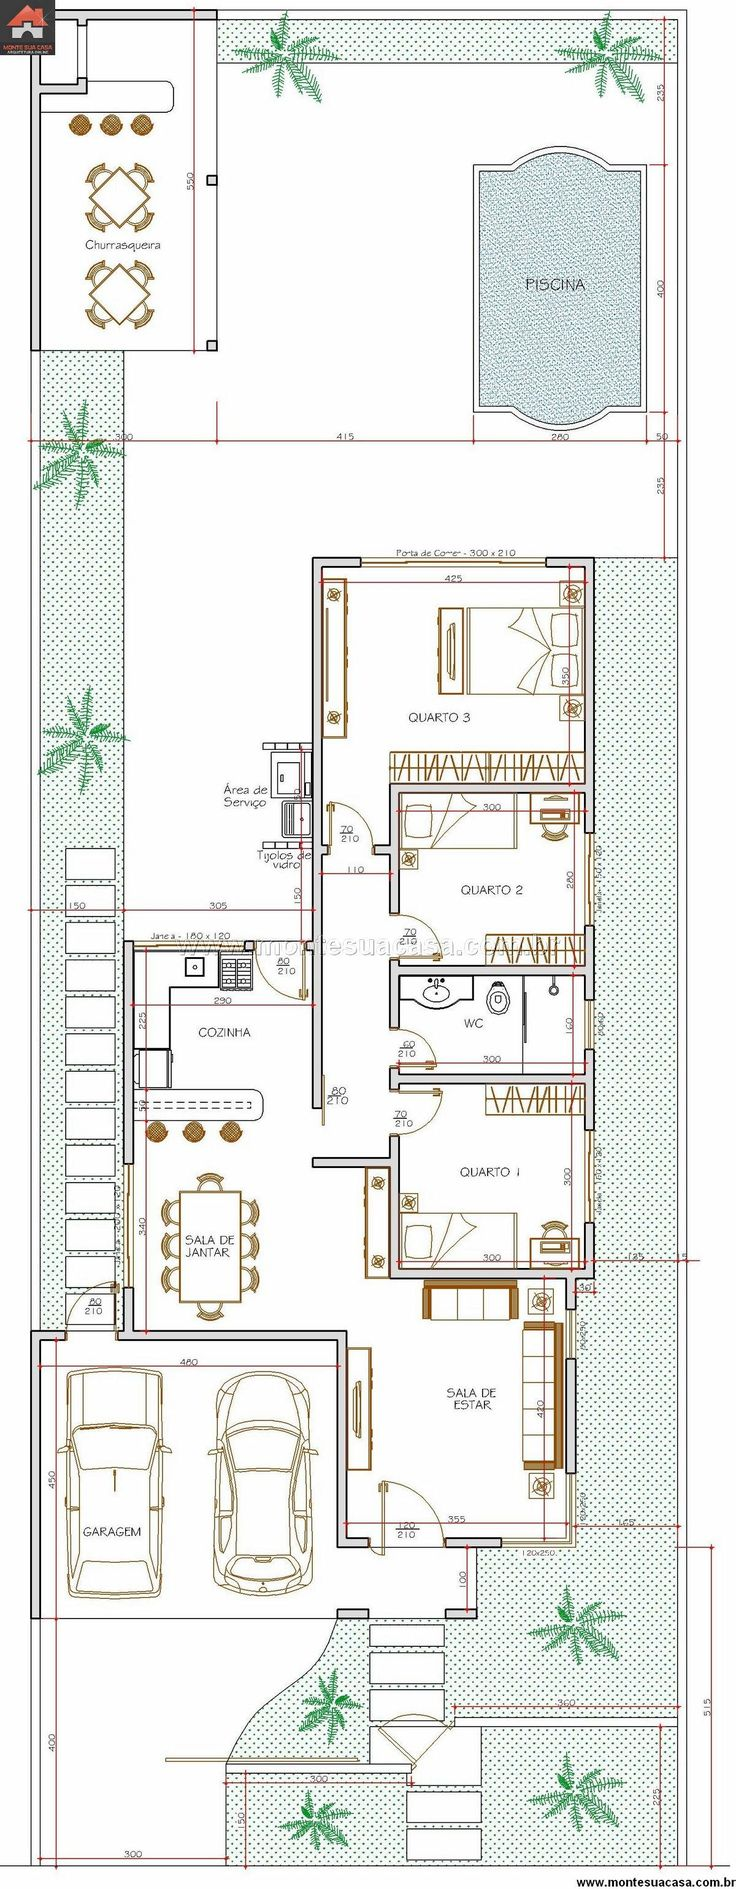 Casa 3 Quartos - 115.01m²